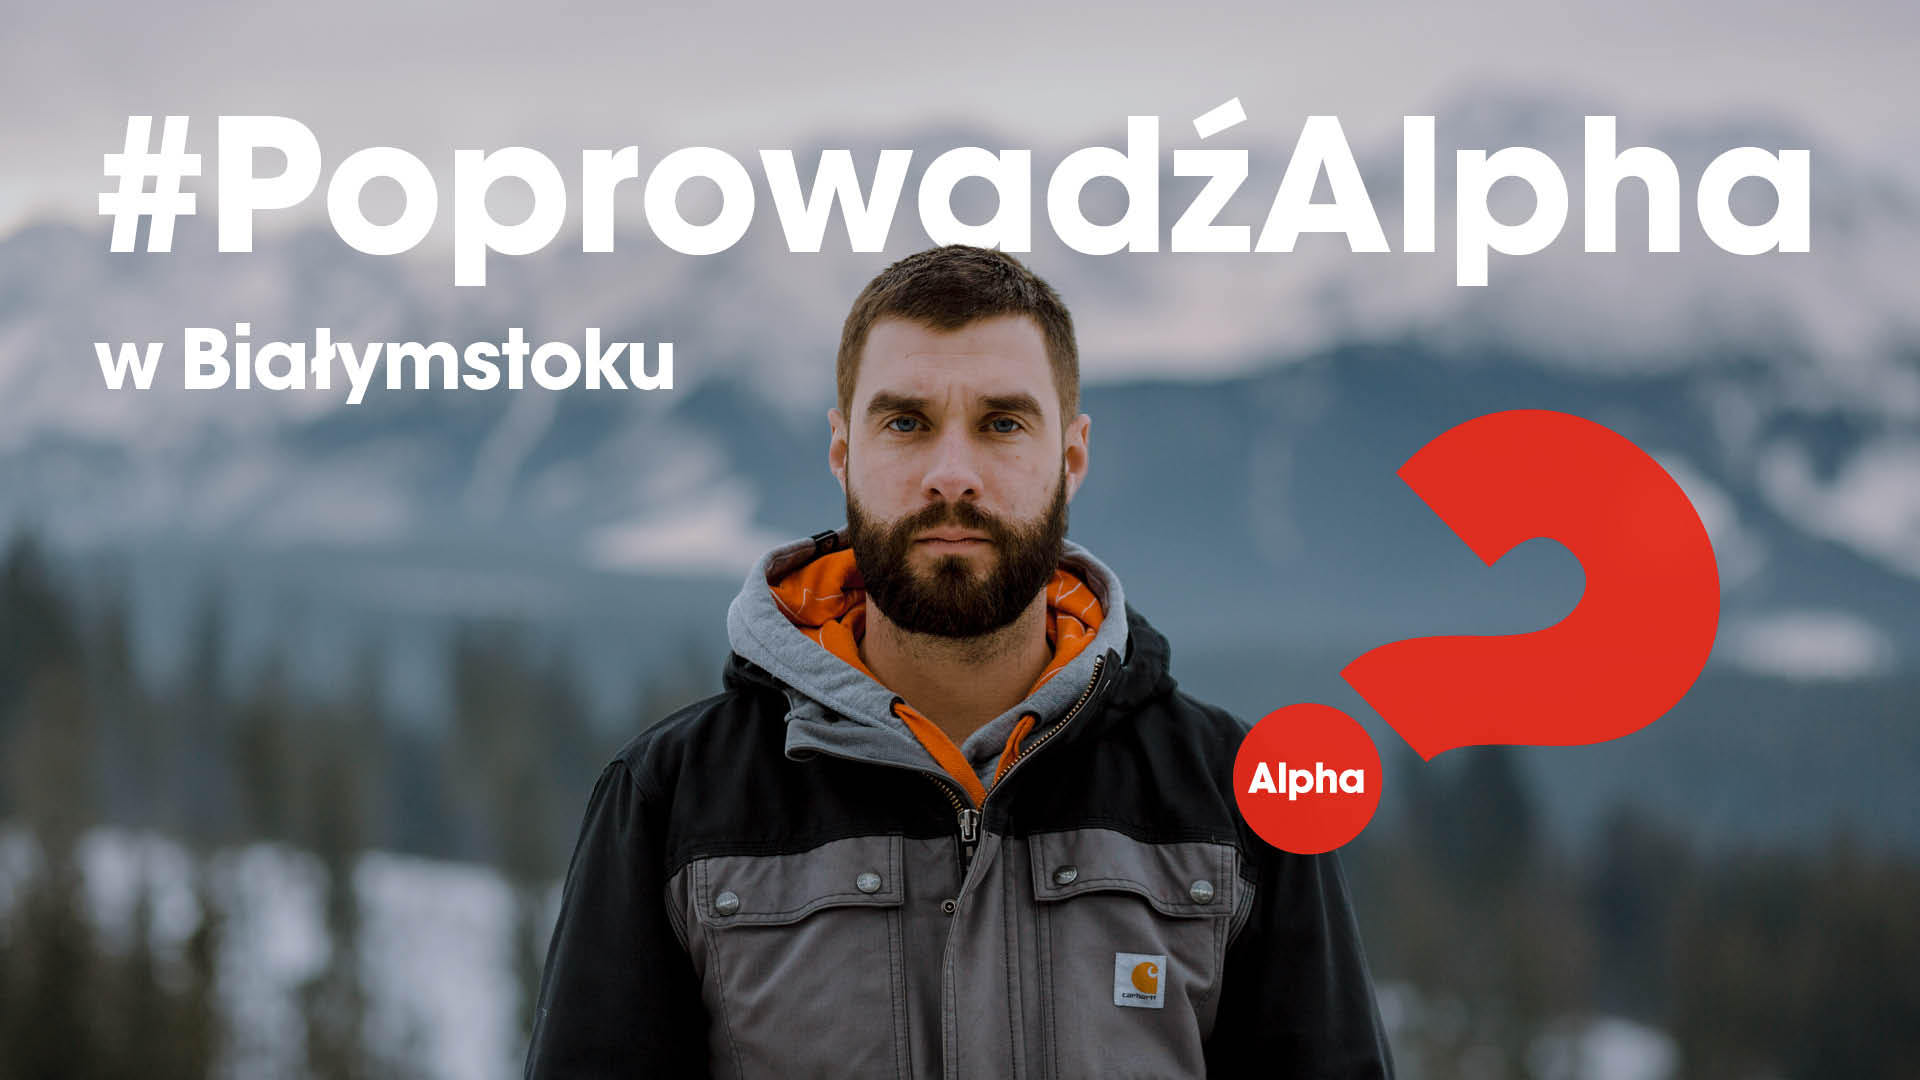 Tło do wydarzenia na Facebooku - Białystok.jpg